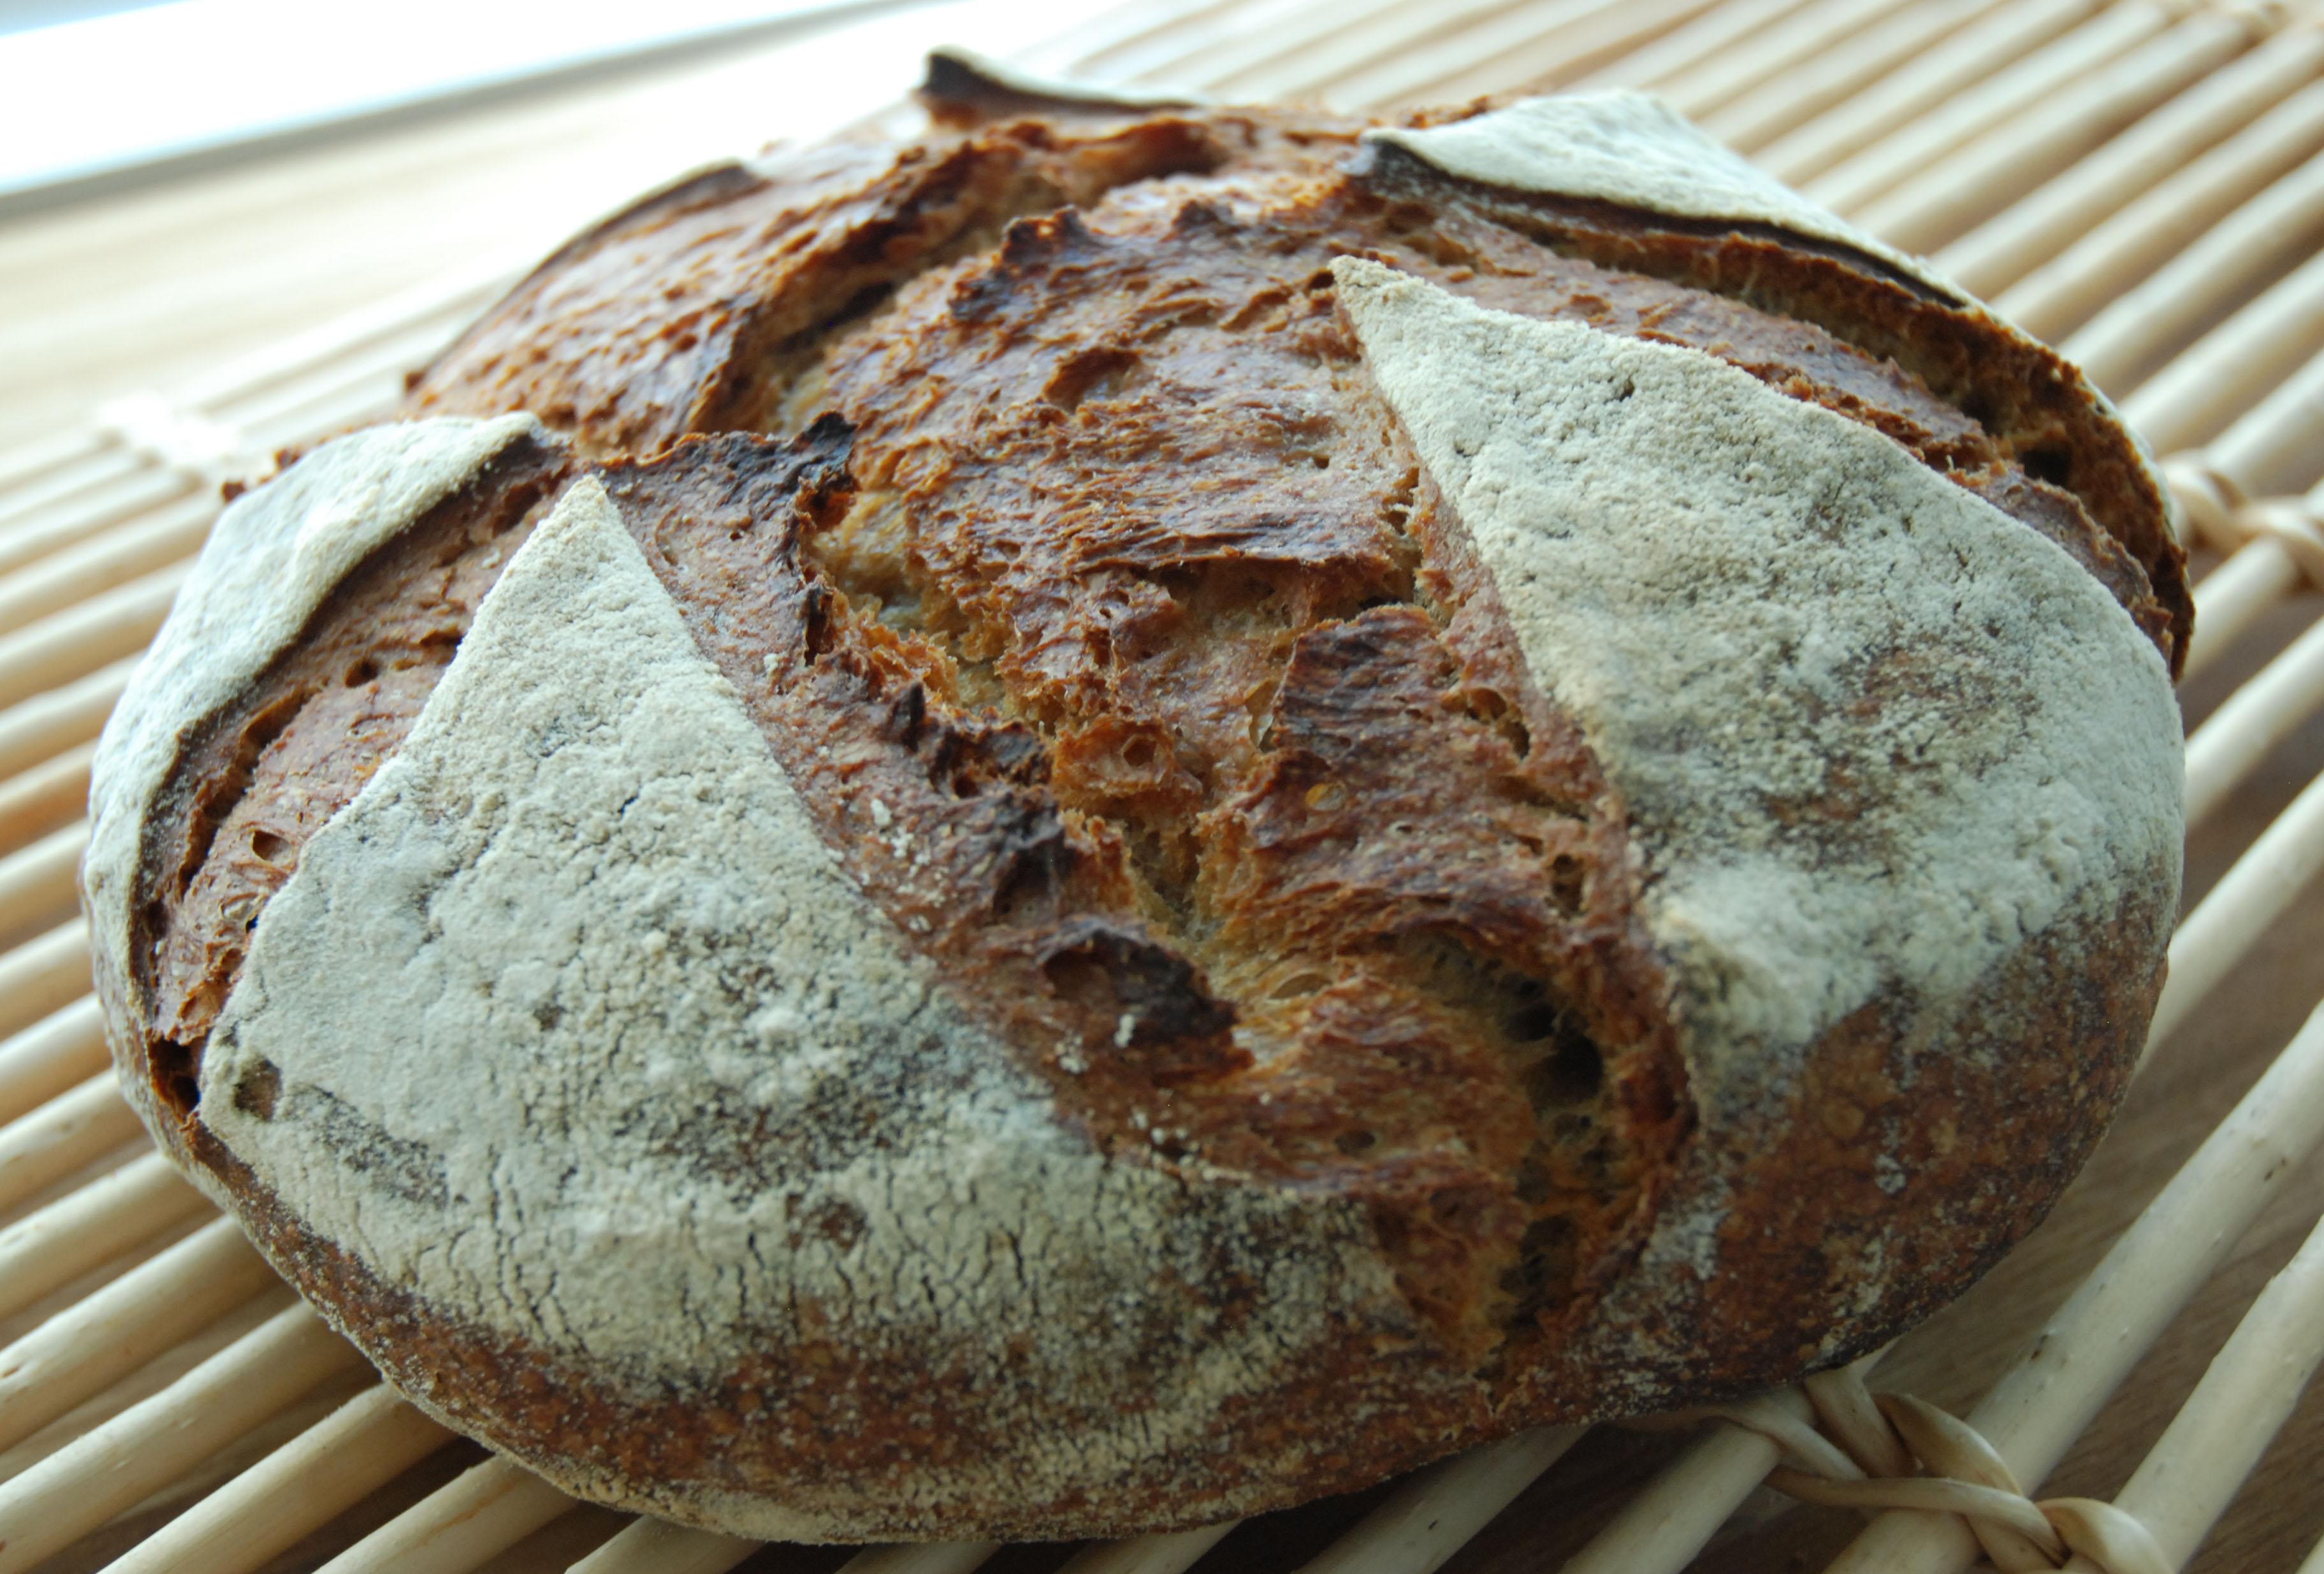 panadero-clandestino-boulanger-thierry-delabre-